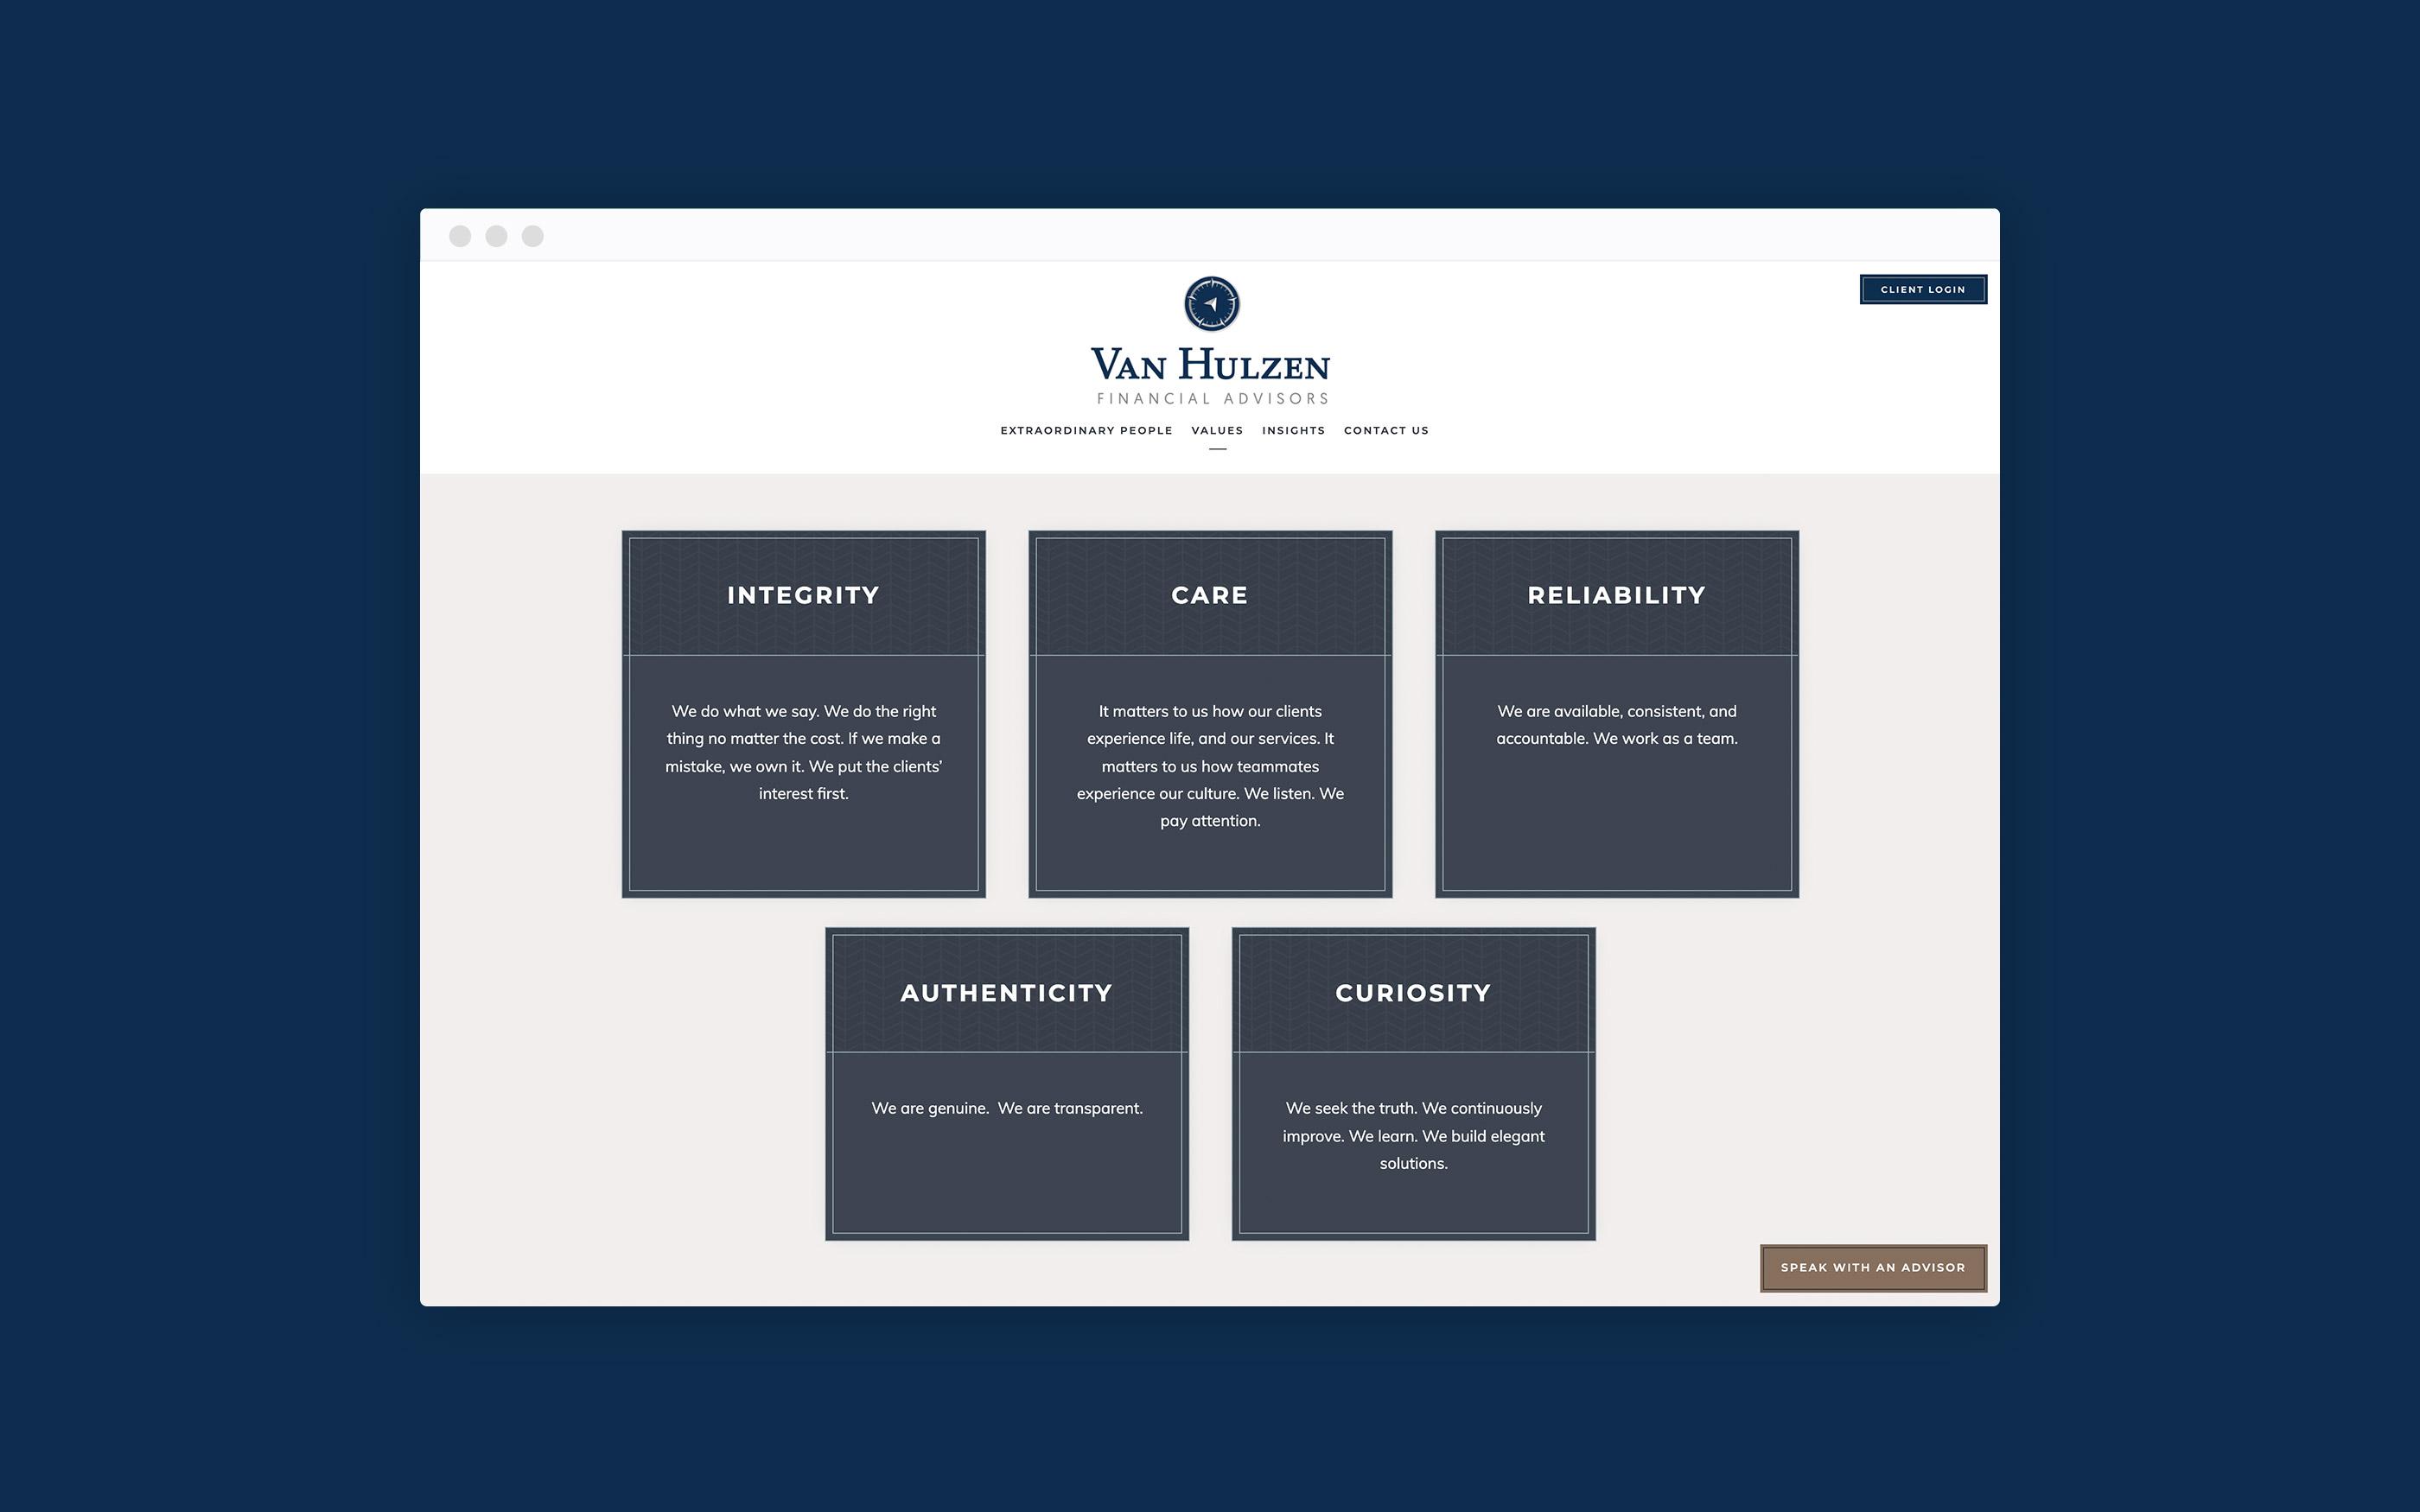 Van Hulzen Values Page